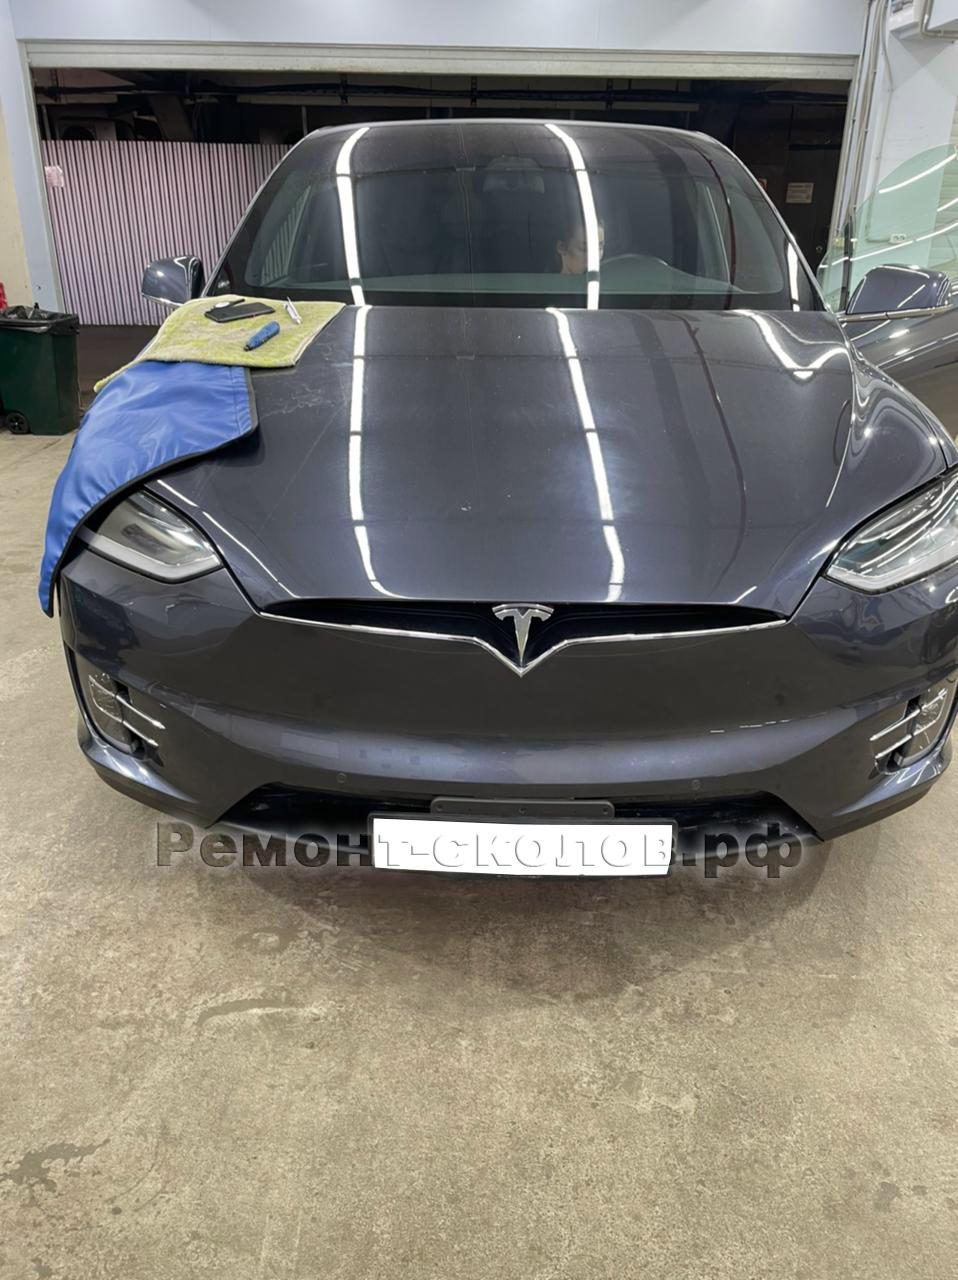 Ремонт скола лобового стекла Tesla в ЮЗАО